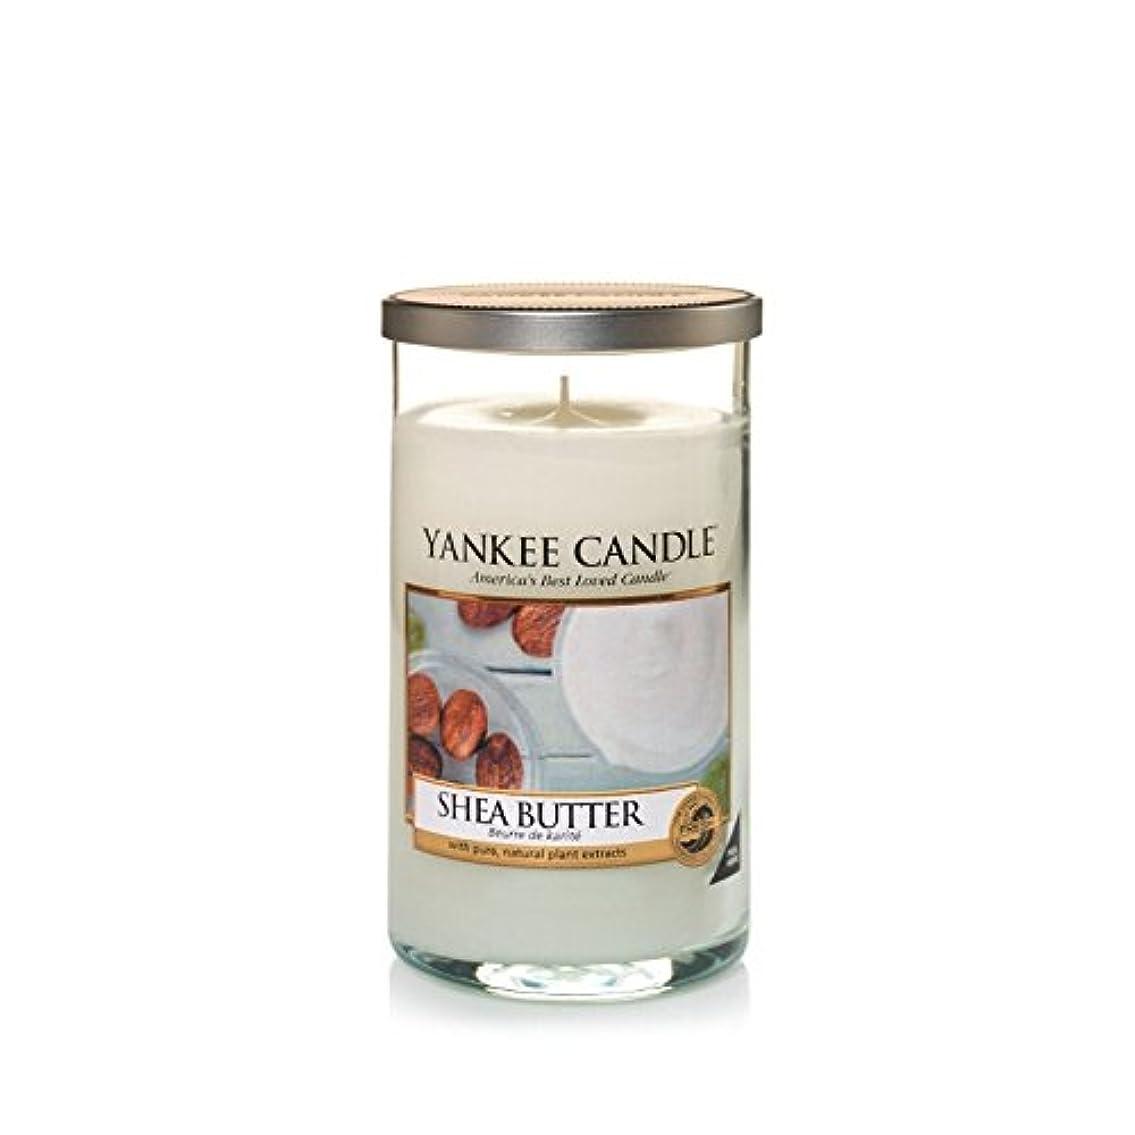 ふりをする不一致信念Yankee Candles Medium Pillar Candle - Shea Butter (Pack of 6) - ヤンキーキャンドルメディアピラーキャンドル - シアバター (x6) [並行輸入品]